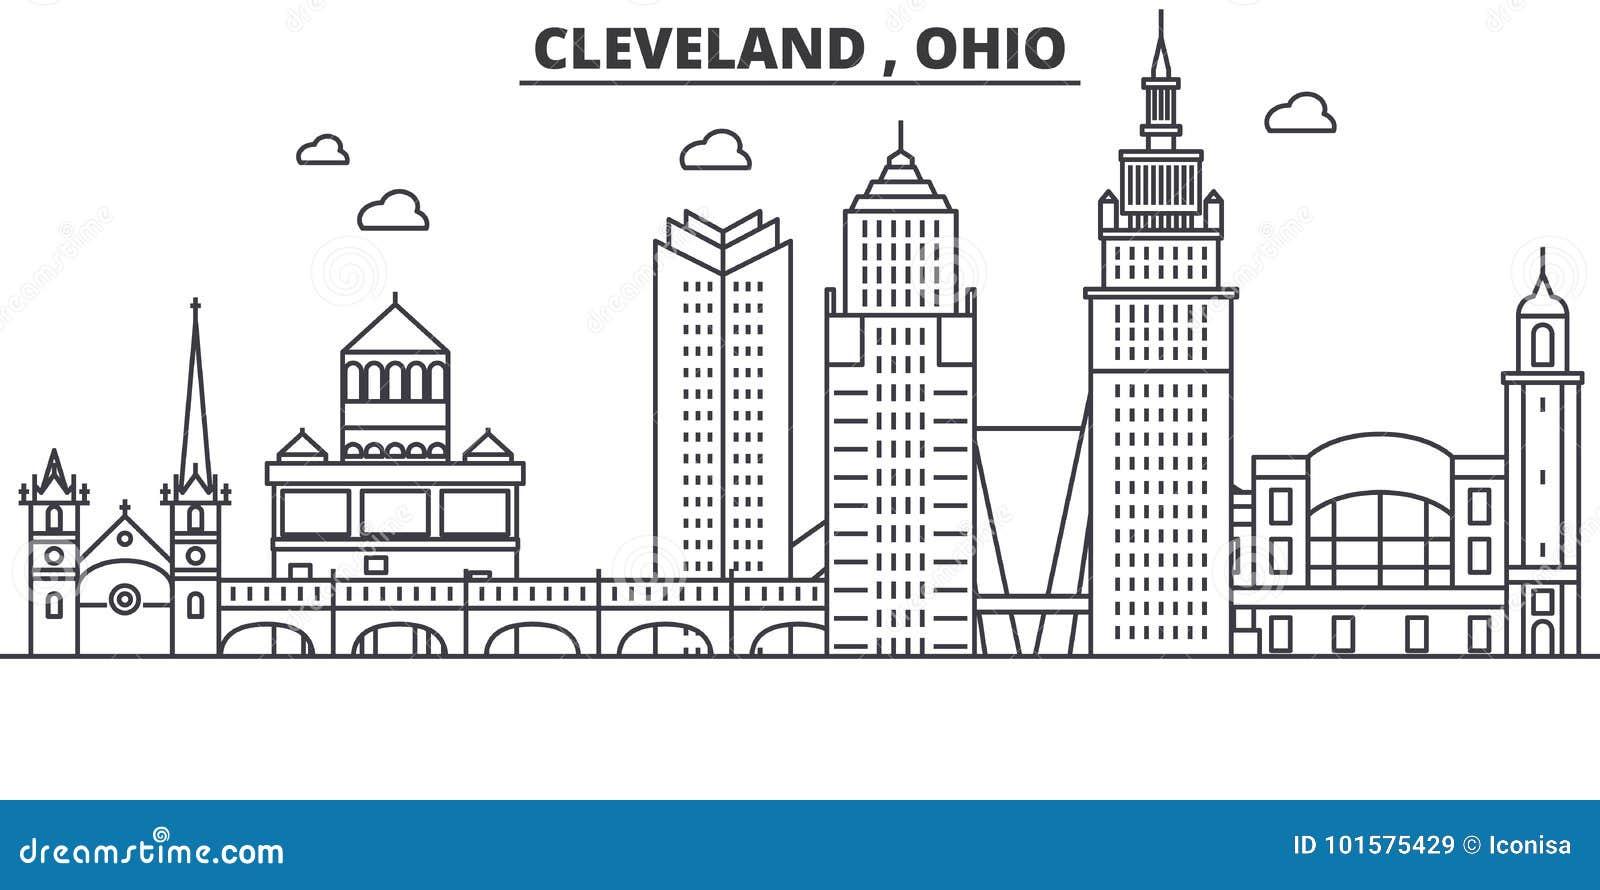 Ohio Cleveland Architecture Line Skyline Illustration